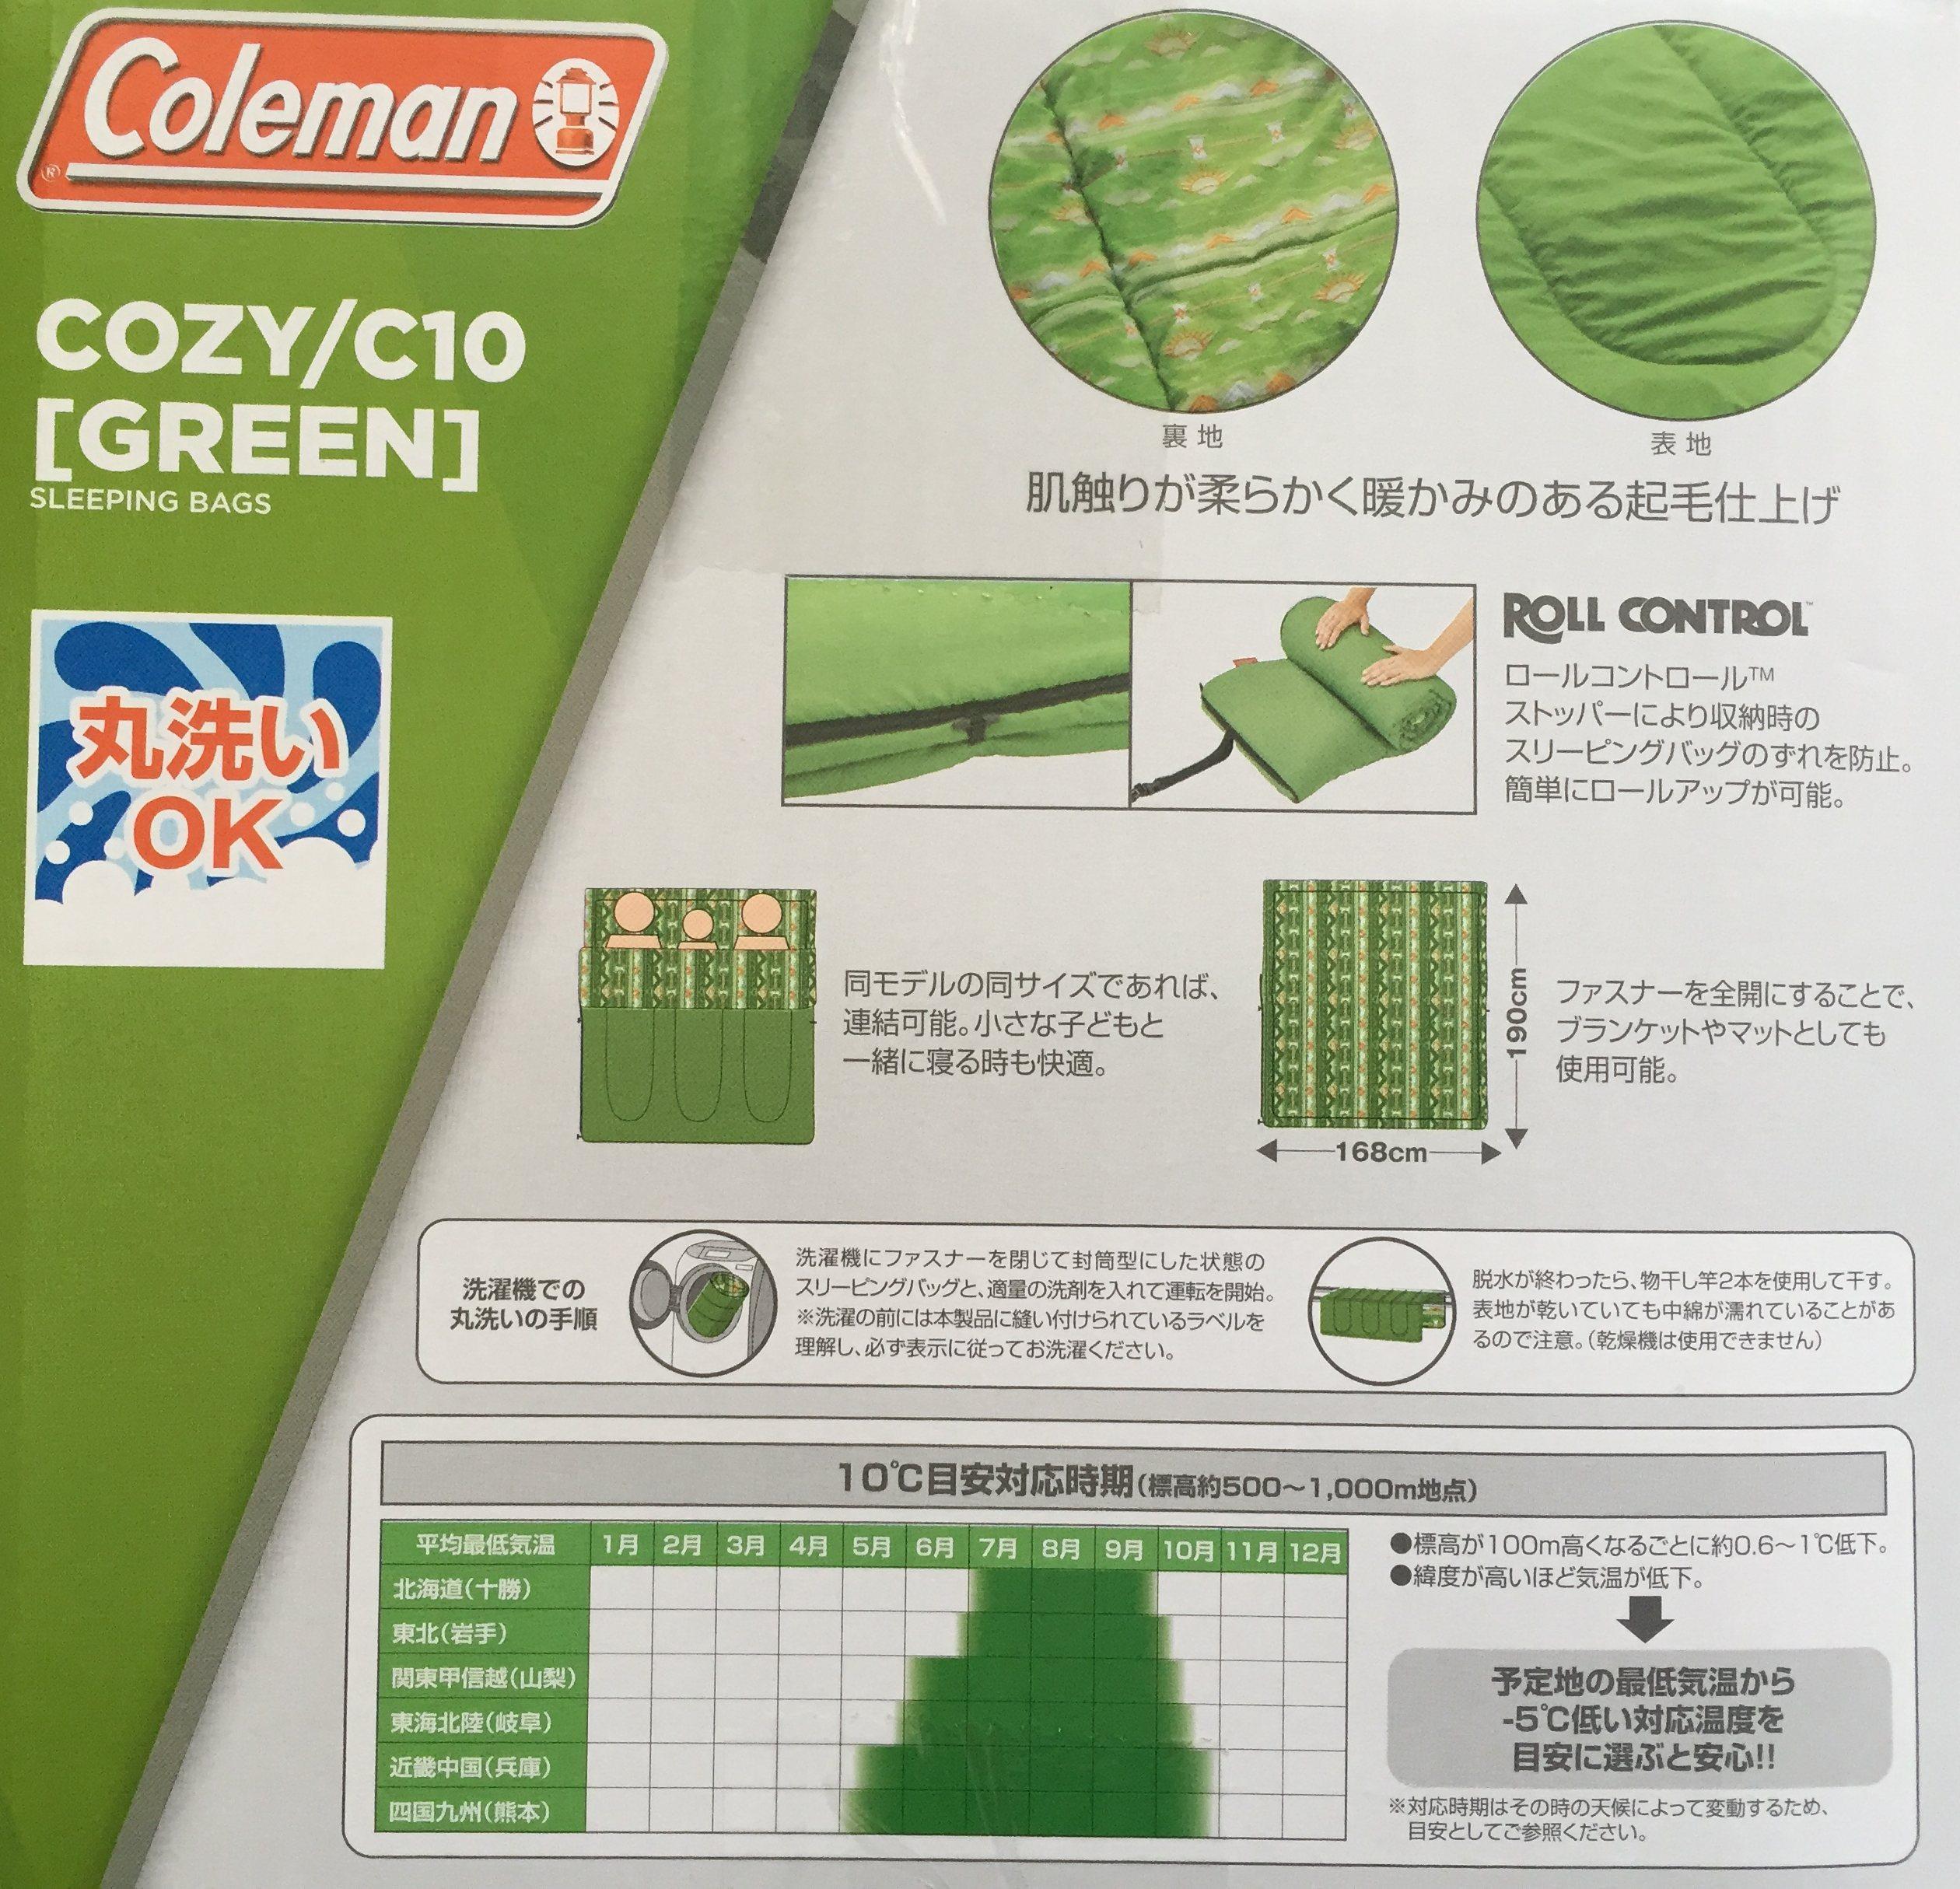 寝袋COZY/C10外箱詳細